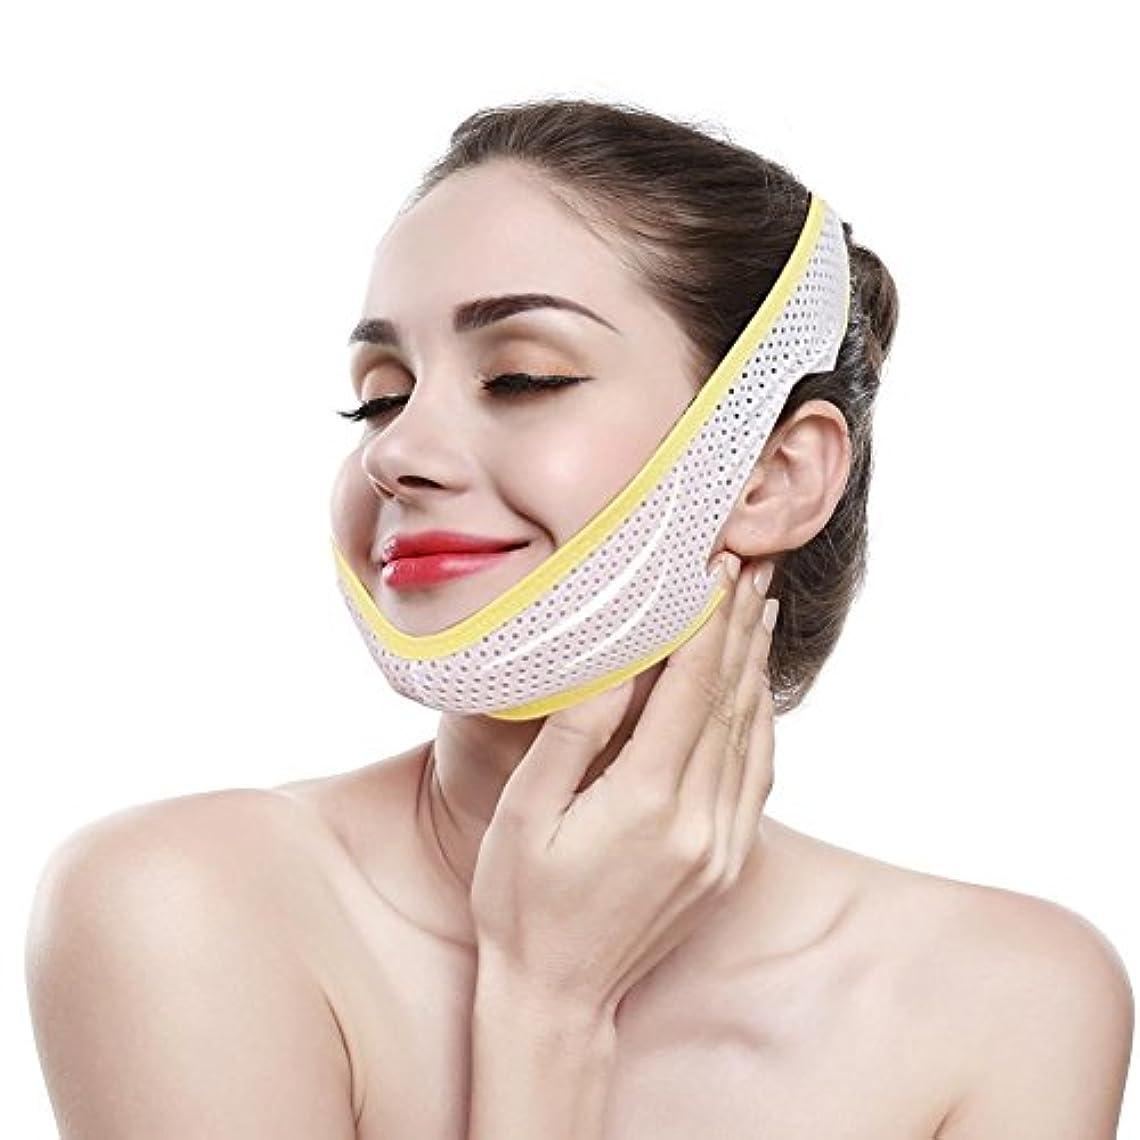 モネ記事加速度顎リフト フェイススリミング包帯 フェイスベルト 顔の包帯スリミングダブルチンVラインとフェイシャルケアファーミングスキン 女性の超薄型 フェイスマス クラインベルト スリミング製品マスク(M)